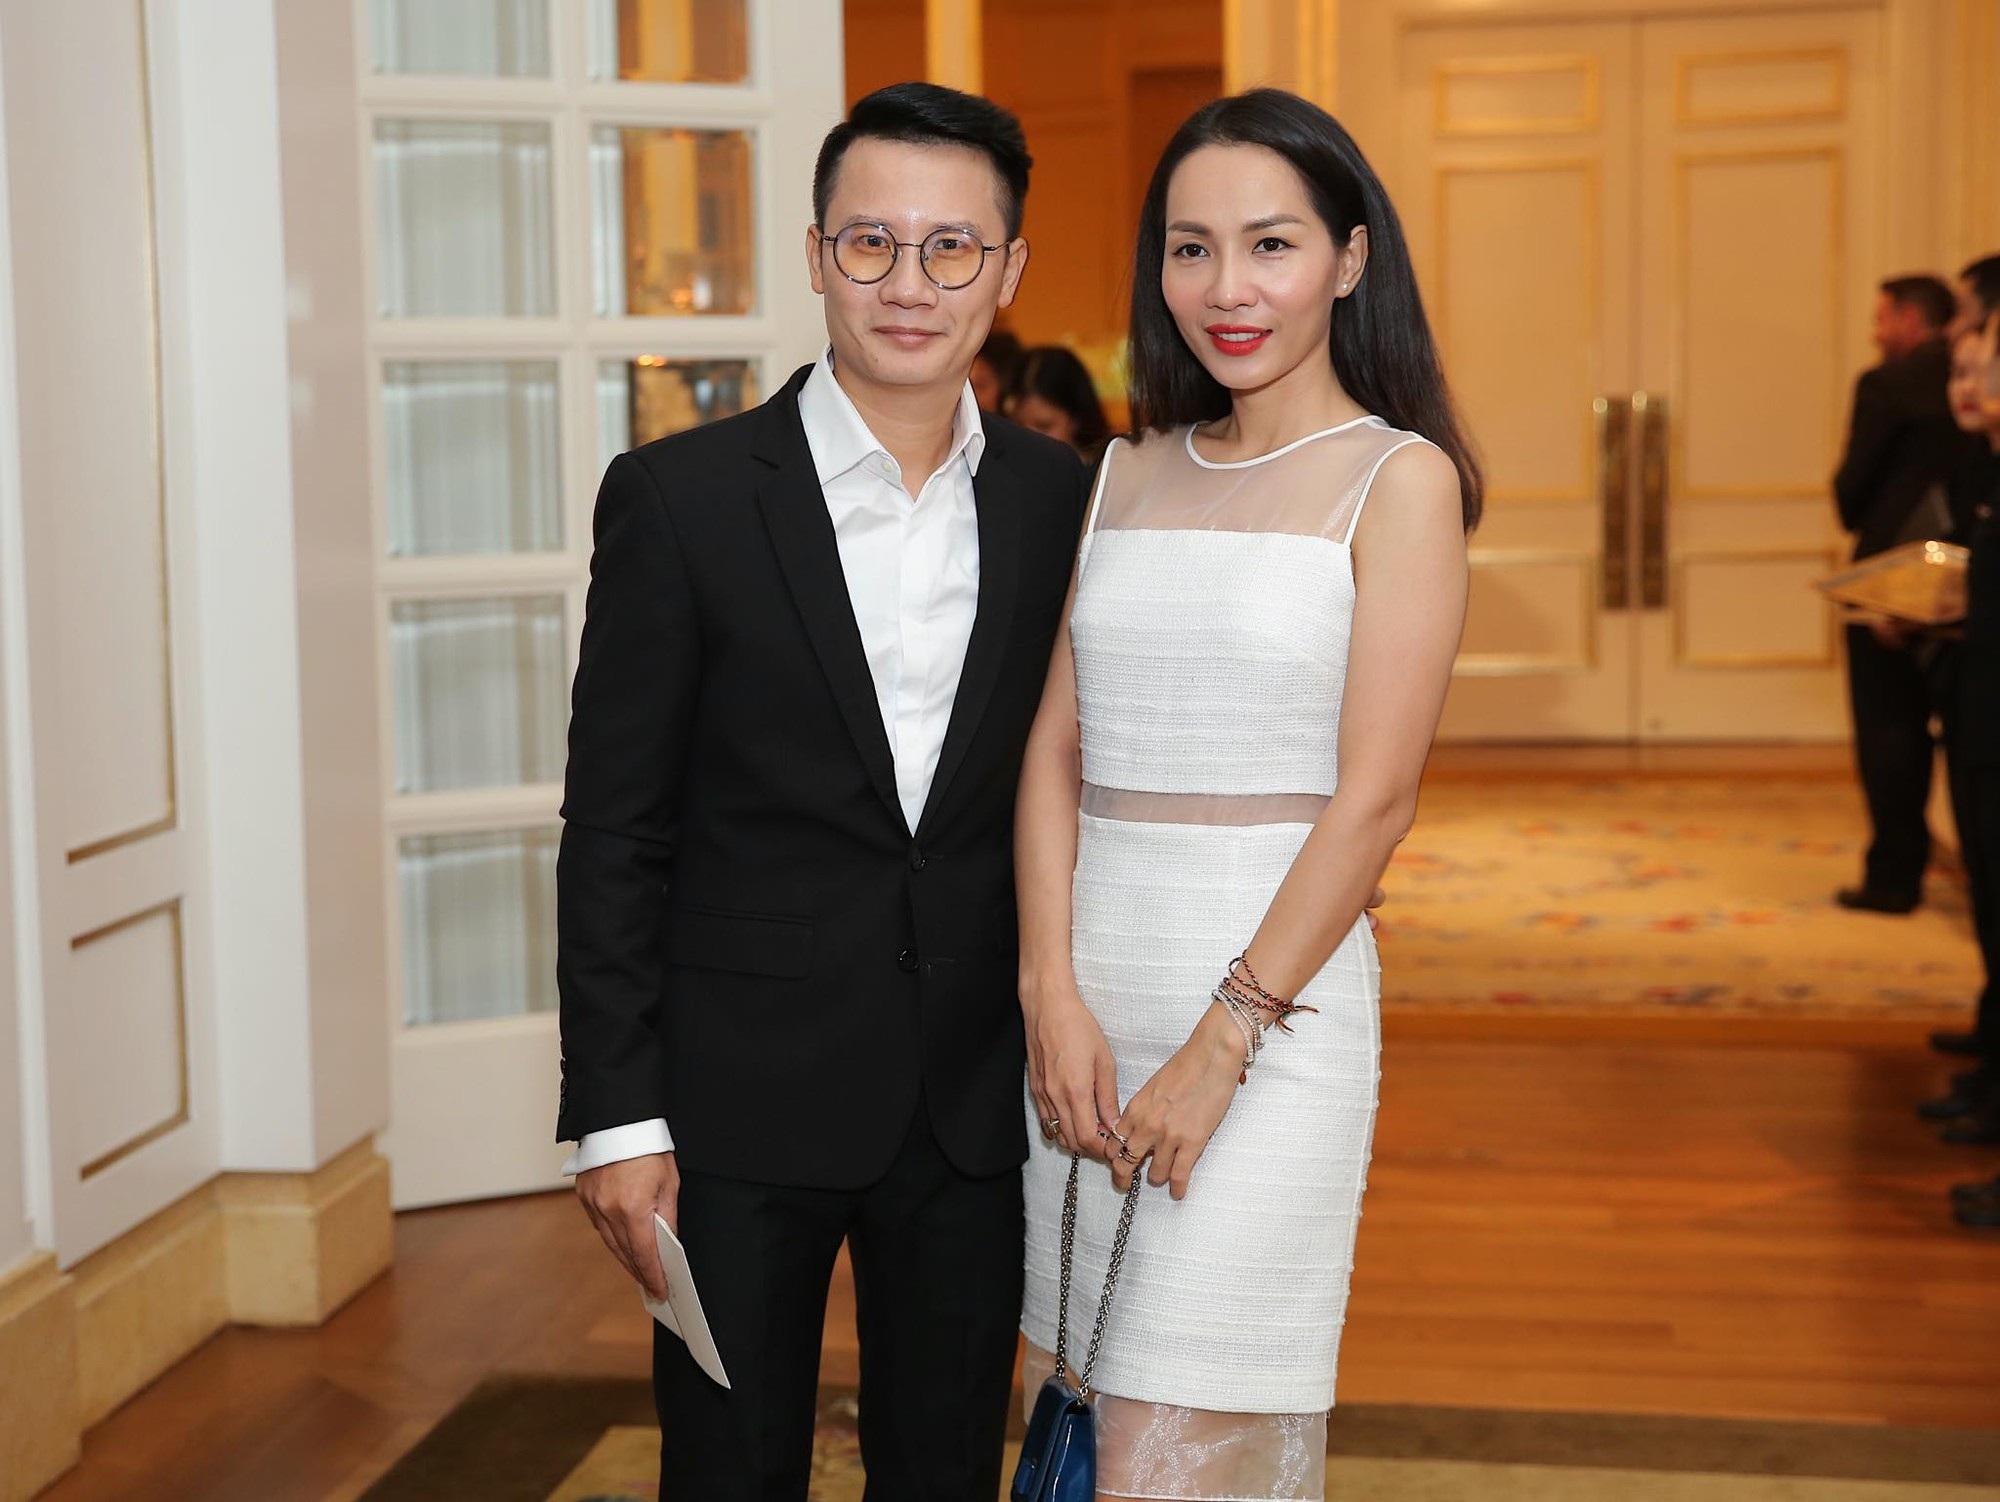 Cuối năm tất bật, dàn sao Việt vẫn dành thời gian đến dự đám cưới Lê Hiếu - Ảnh 4.